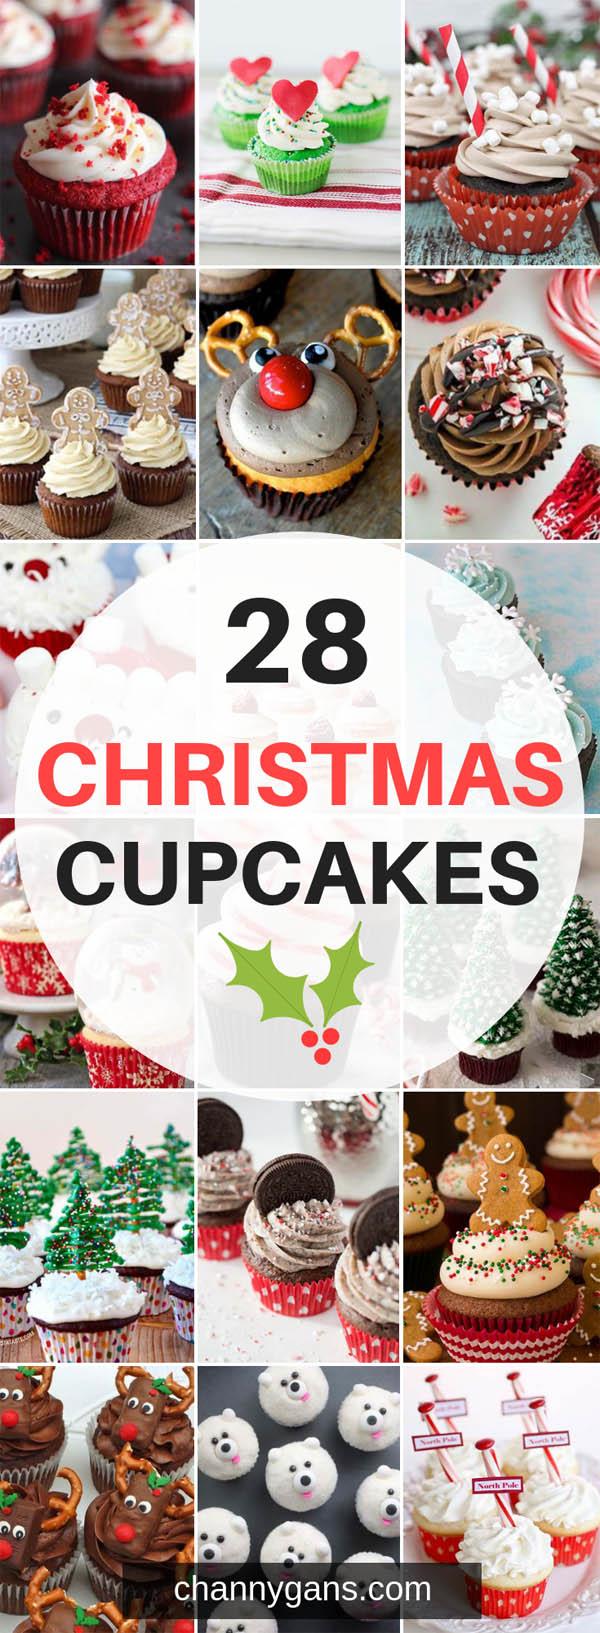 28 Christmas Cupcakes